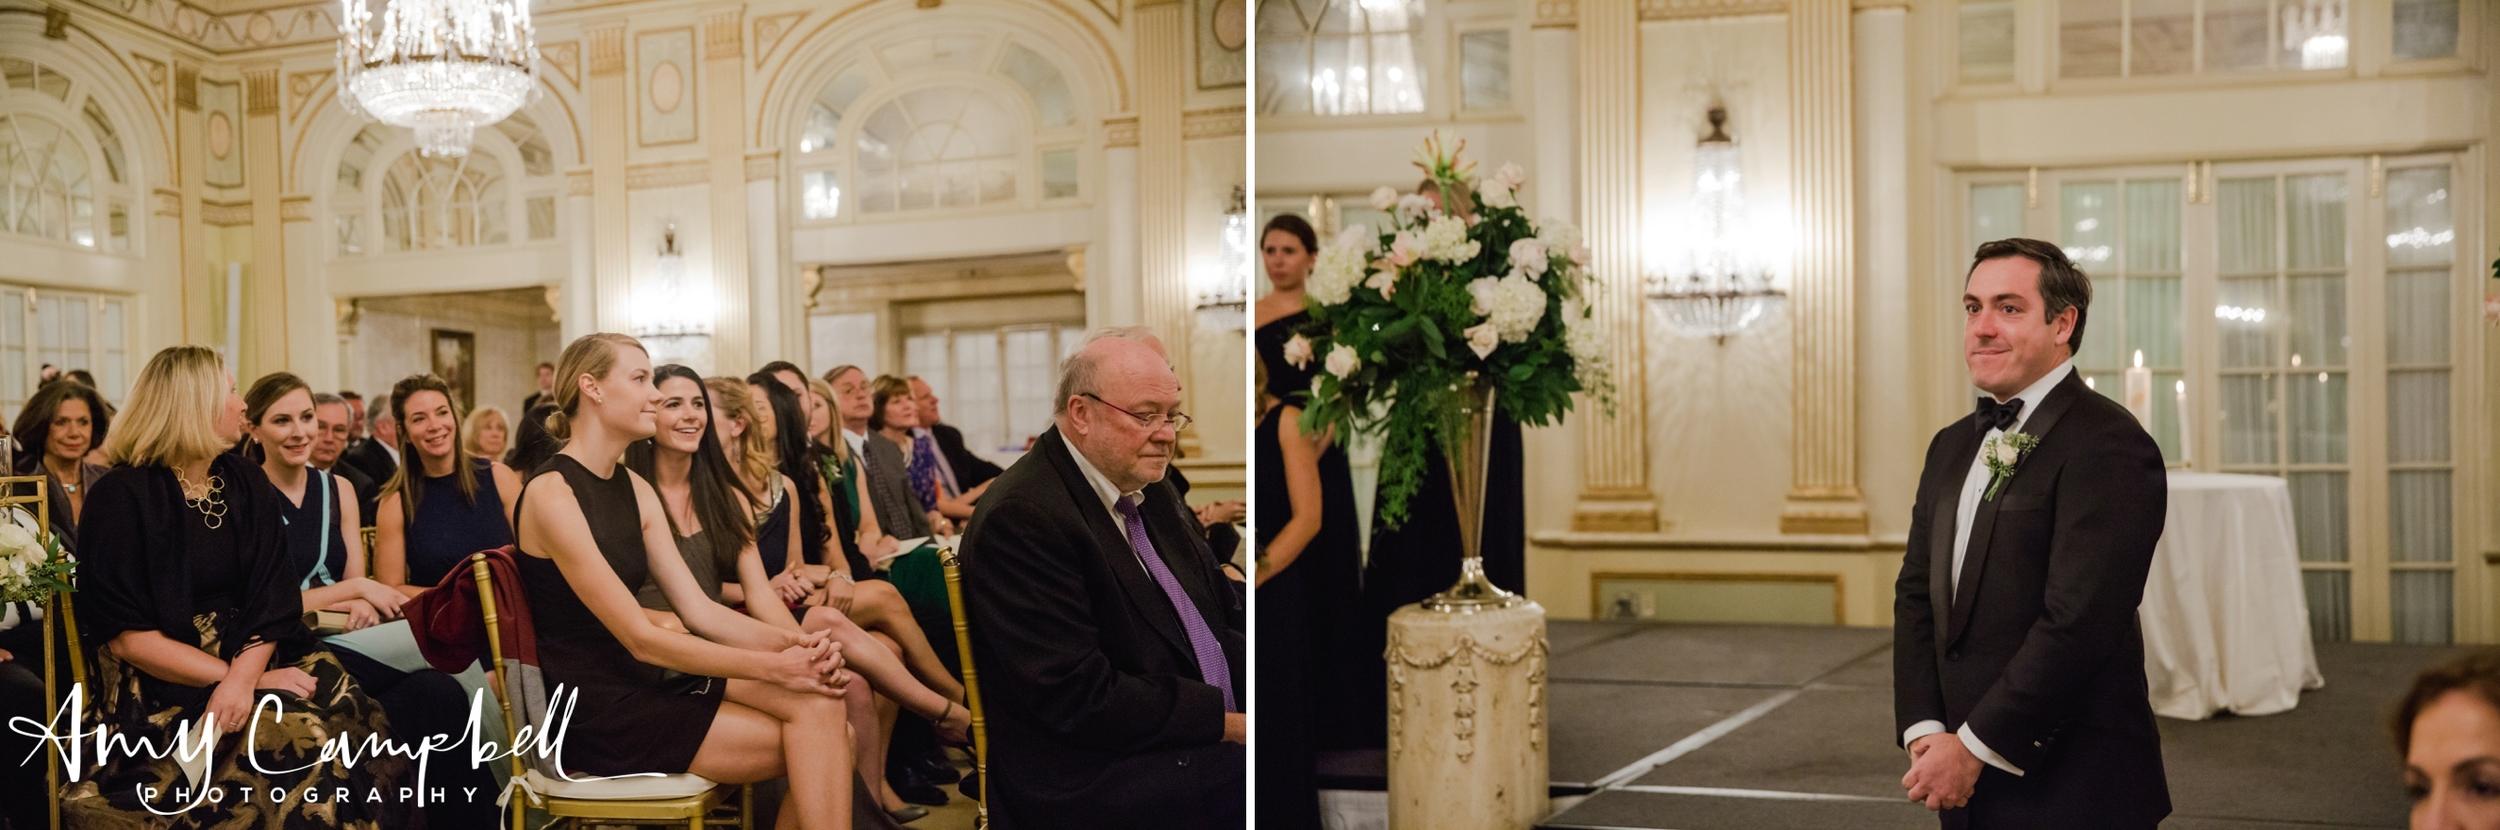 emmakyle_wedding_fb_amycampbellphotography_0037.jpg